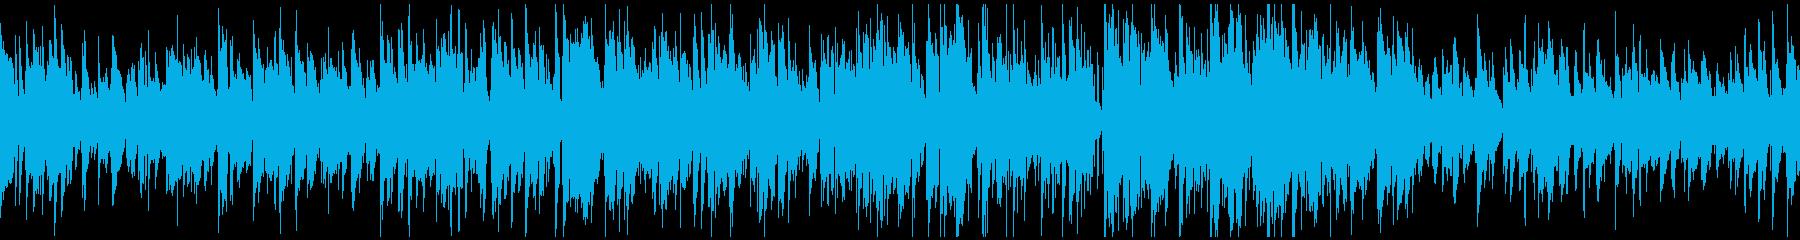 ほんわかサックスのジャズ ※ループ仕様版の再生済みの波形